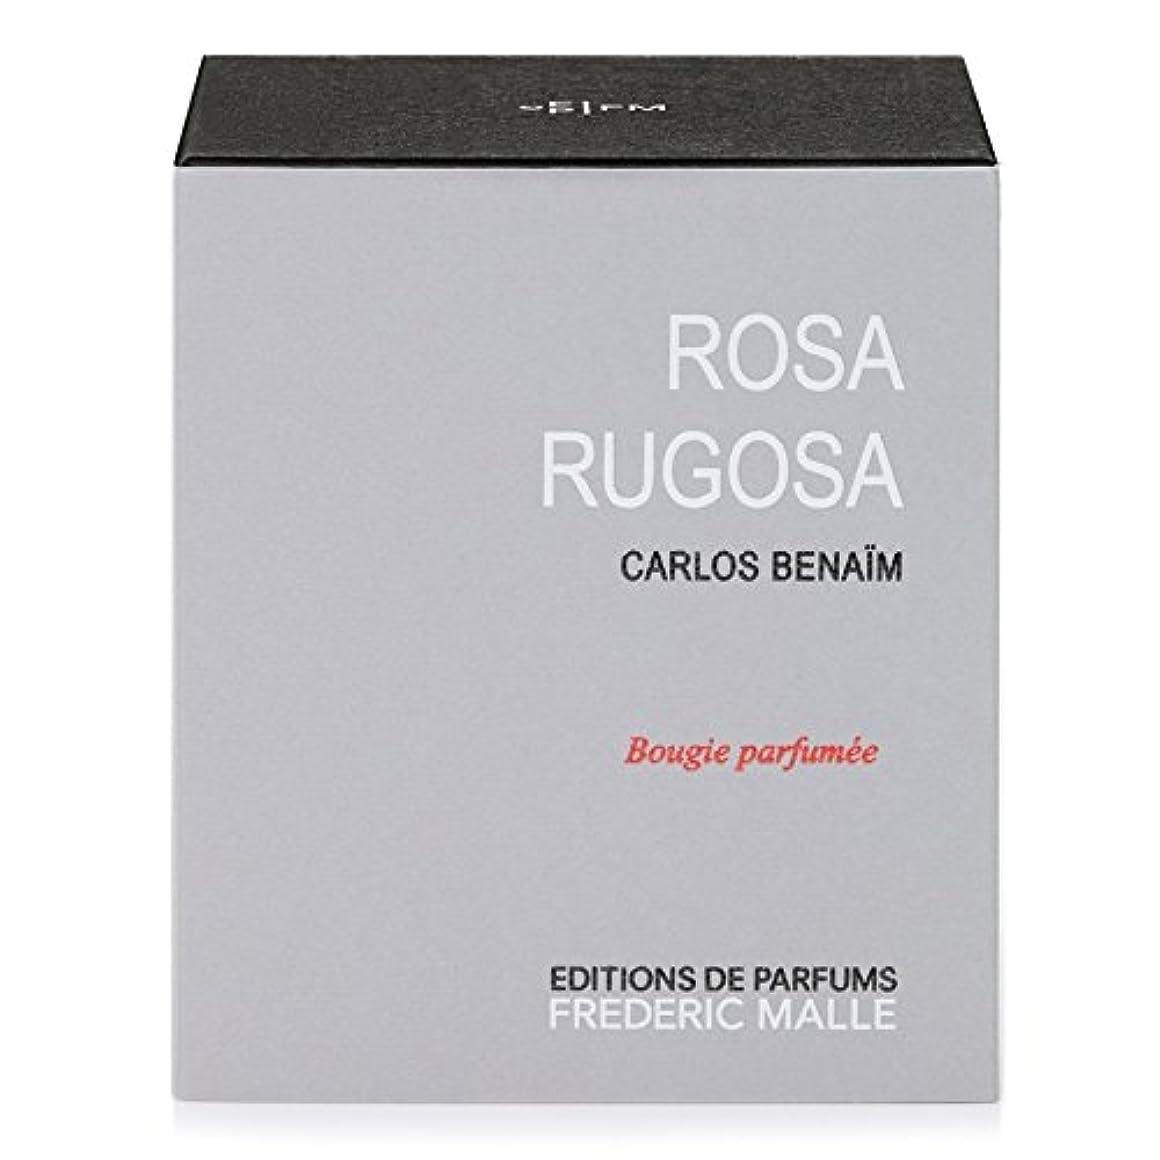 高度なアラブ特にフレデリック?マルハマナスの香りのキャンドル x6 - Frederic Malle Rosa Rugosa Scented Candle (Pack of 6) [並行輸入品]